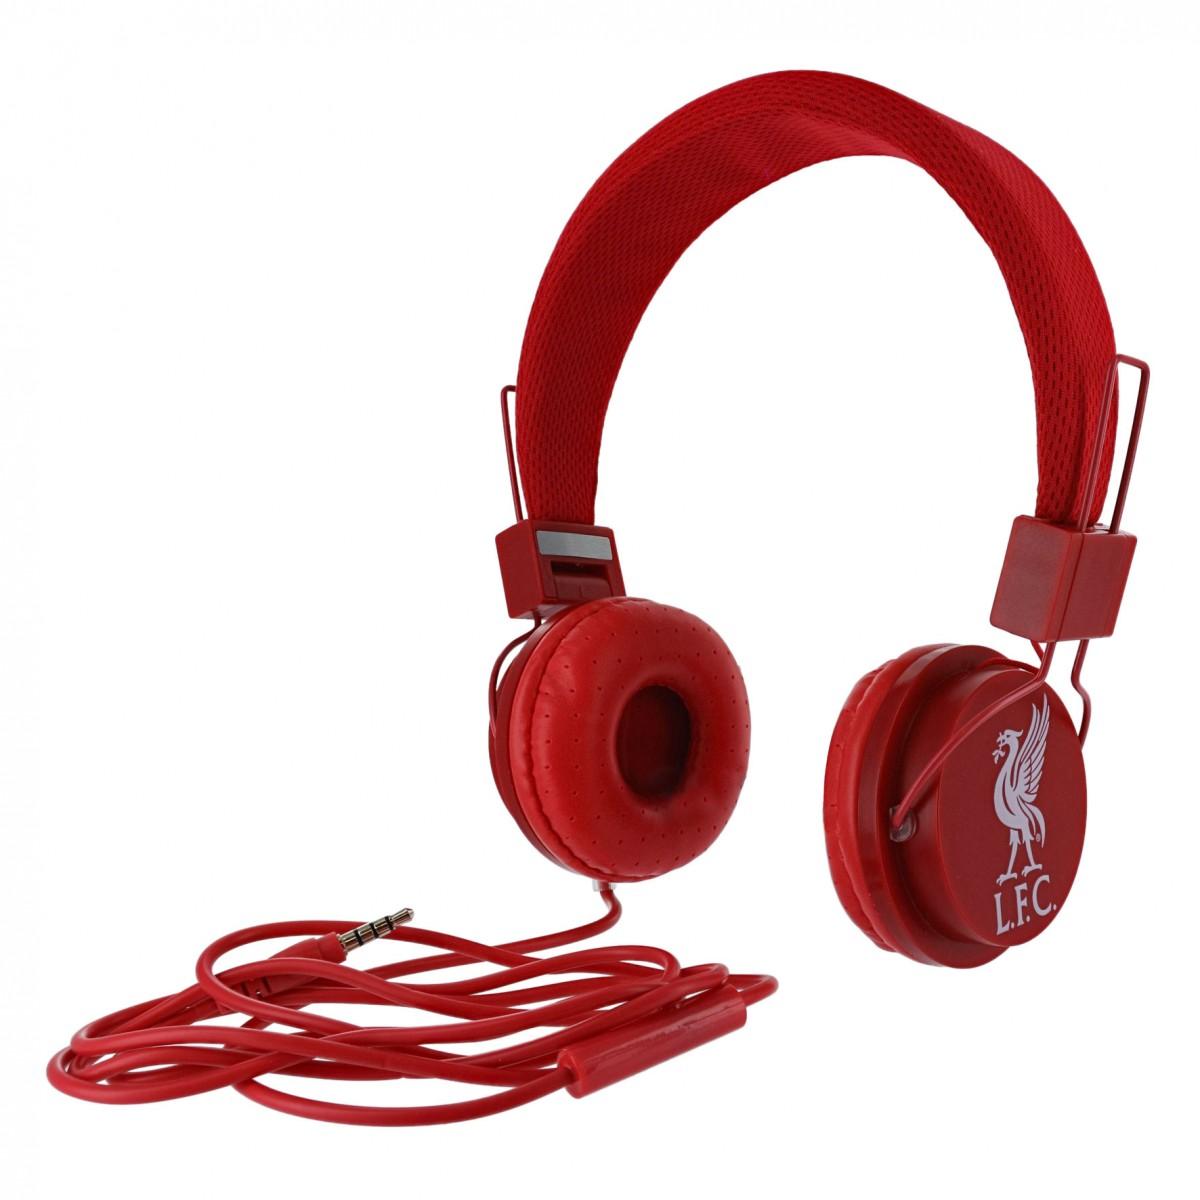 หูฟังลิเวอร์พูลของแท้ Red Headphones